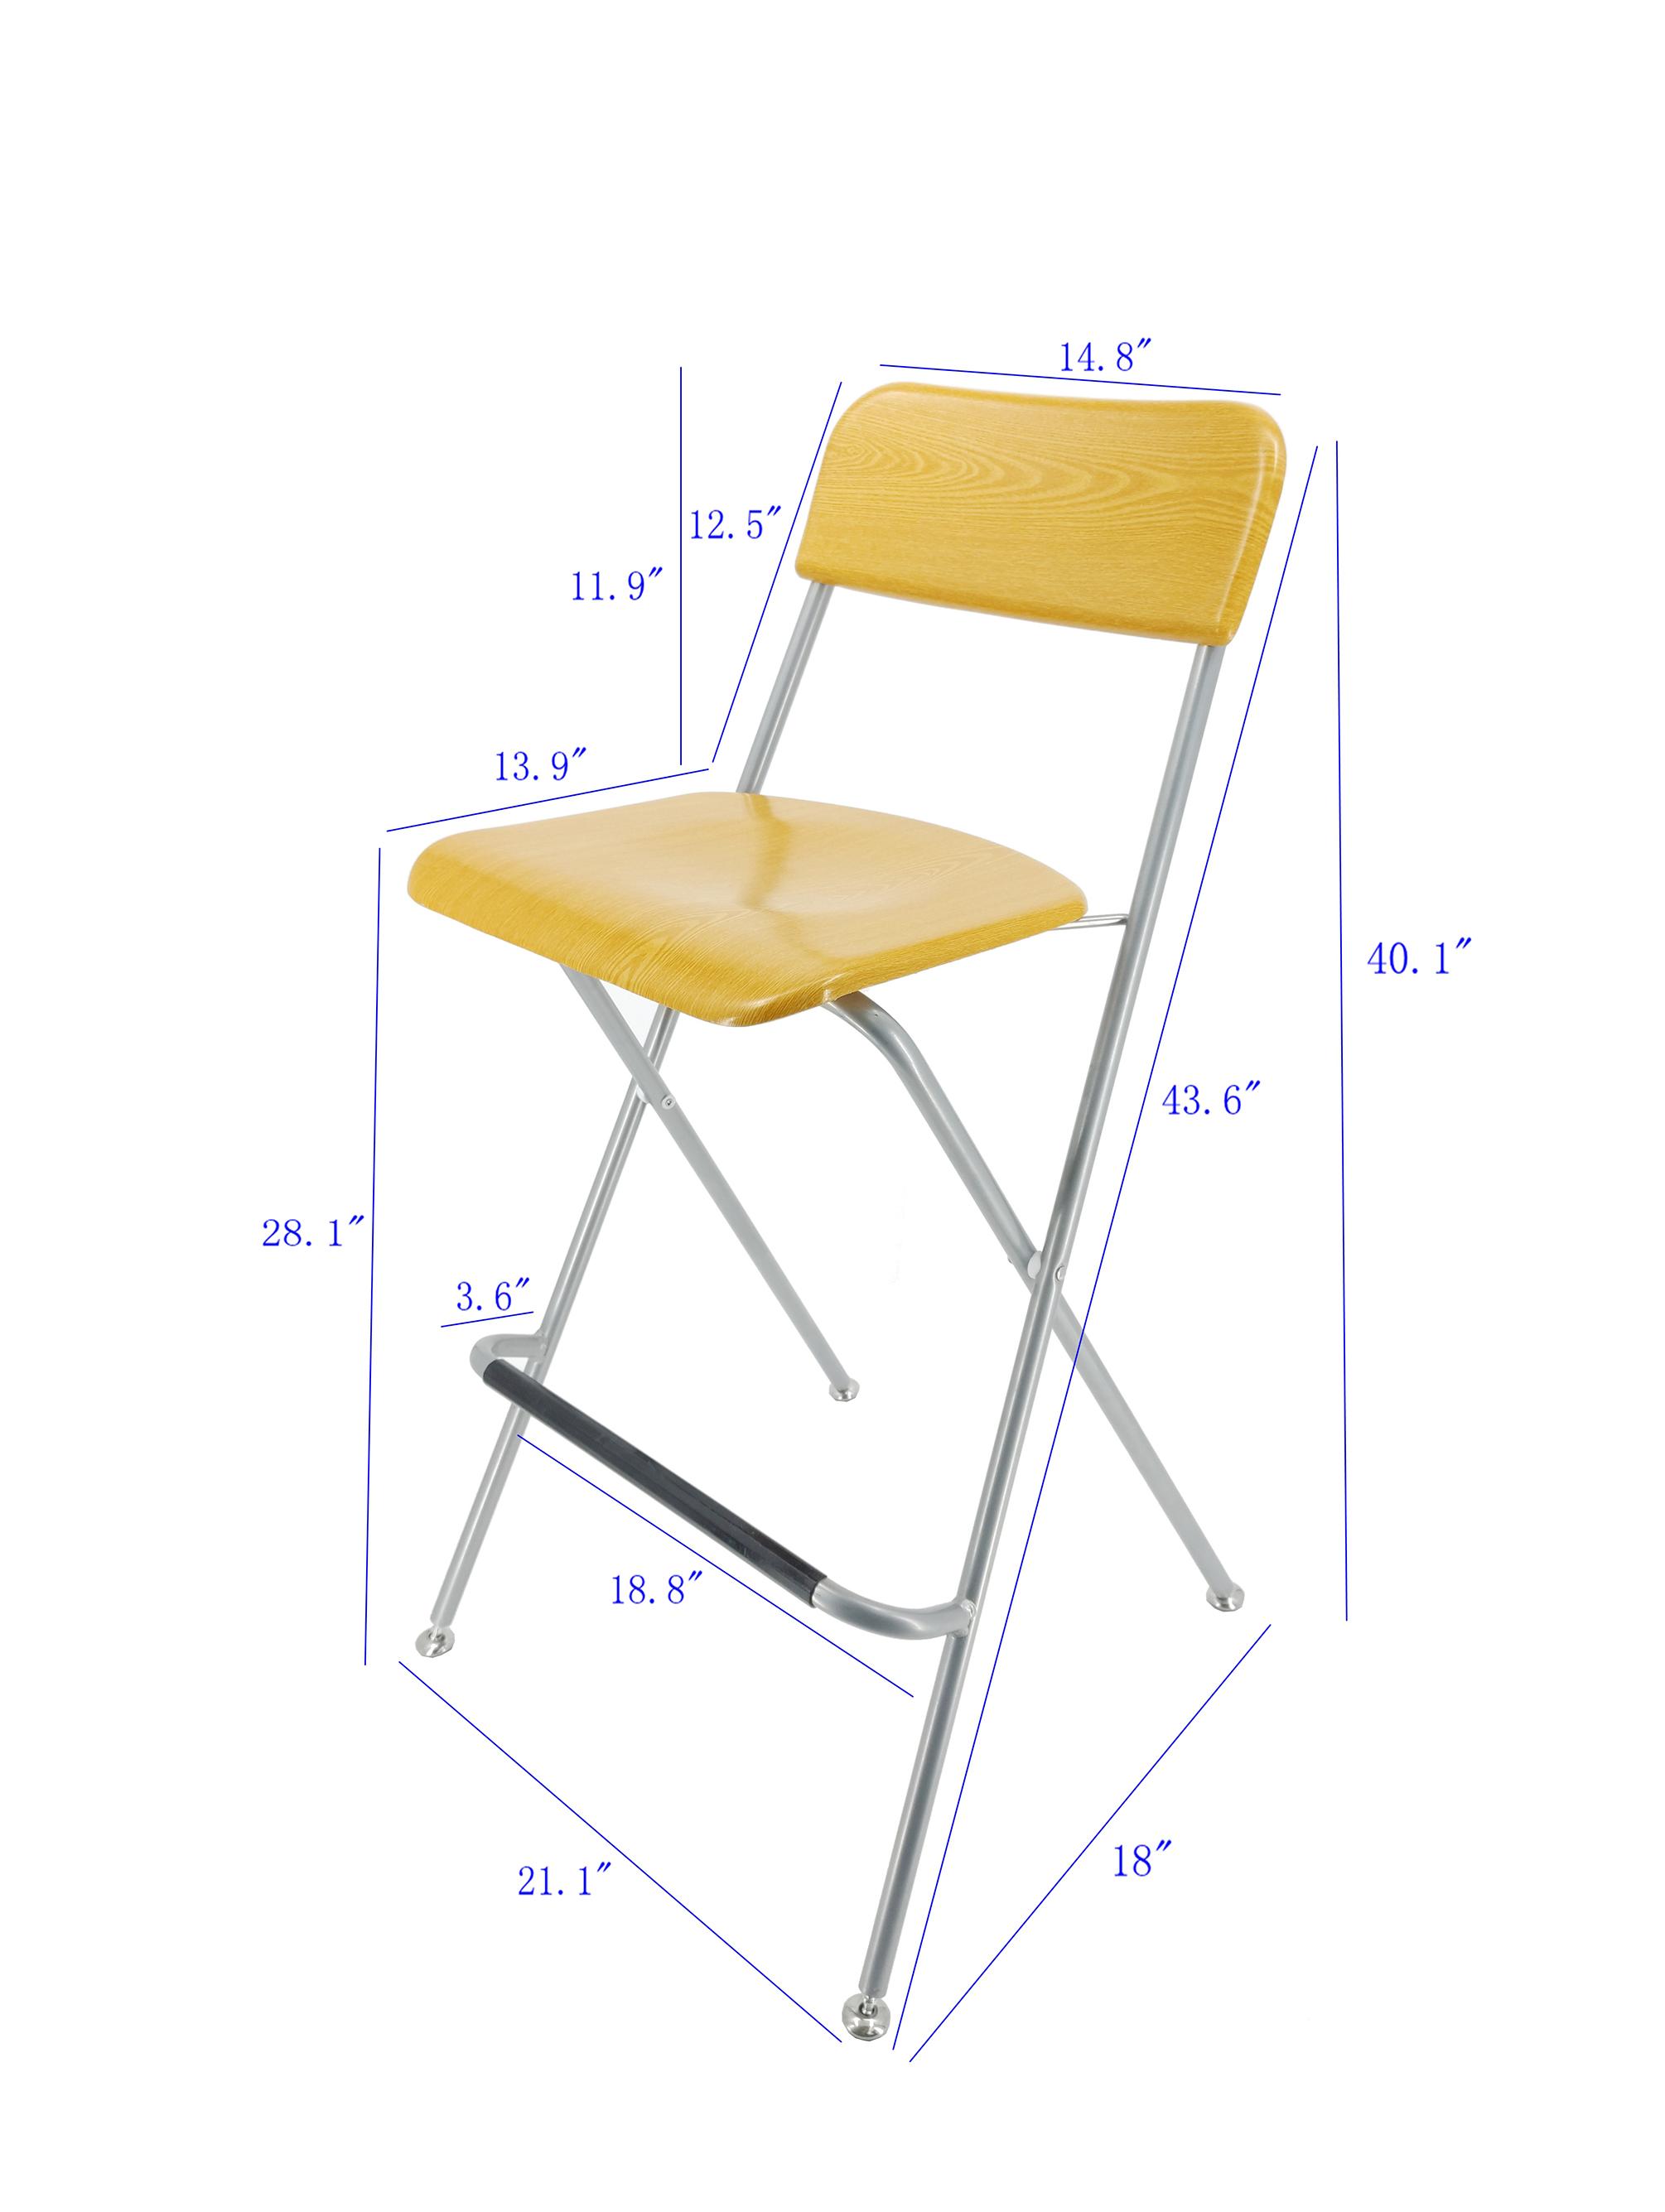 2PK Bar Chair Bistro High Chair High Chair Wood Metal